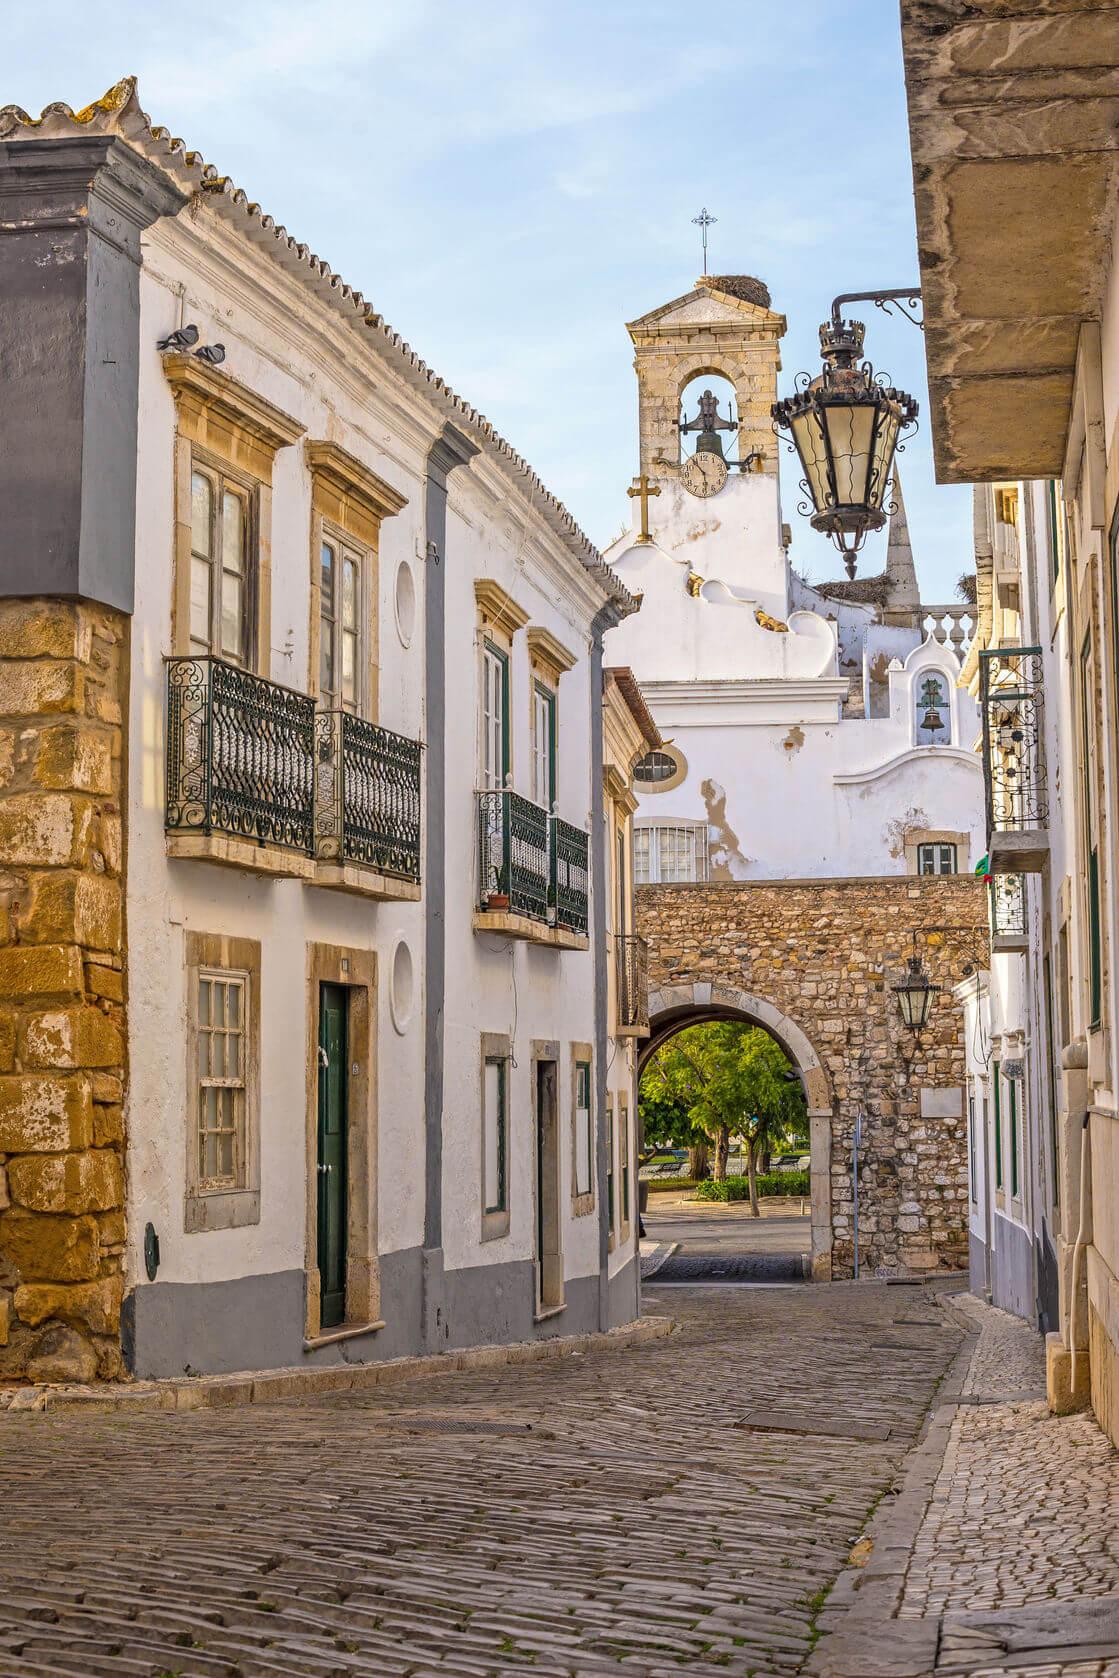 Фото: одна из улиц старого города